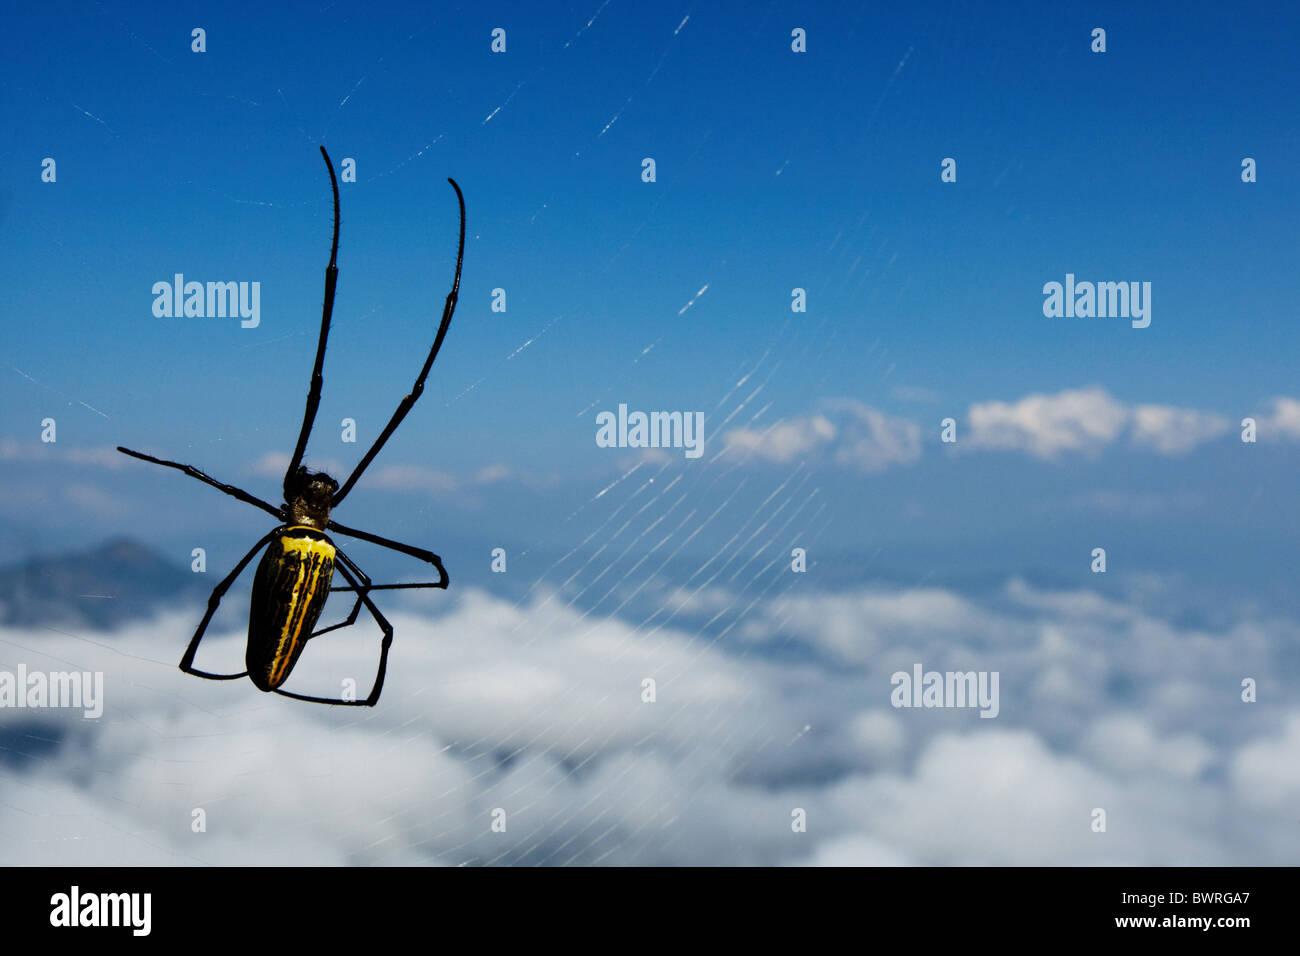 Una gran araña teje su red contra una vista del Himalaya visto desde Bandipur, Nepal el viernes 30 de octubre Imagen De Stock